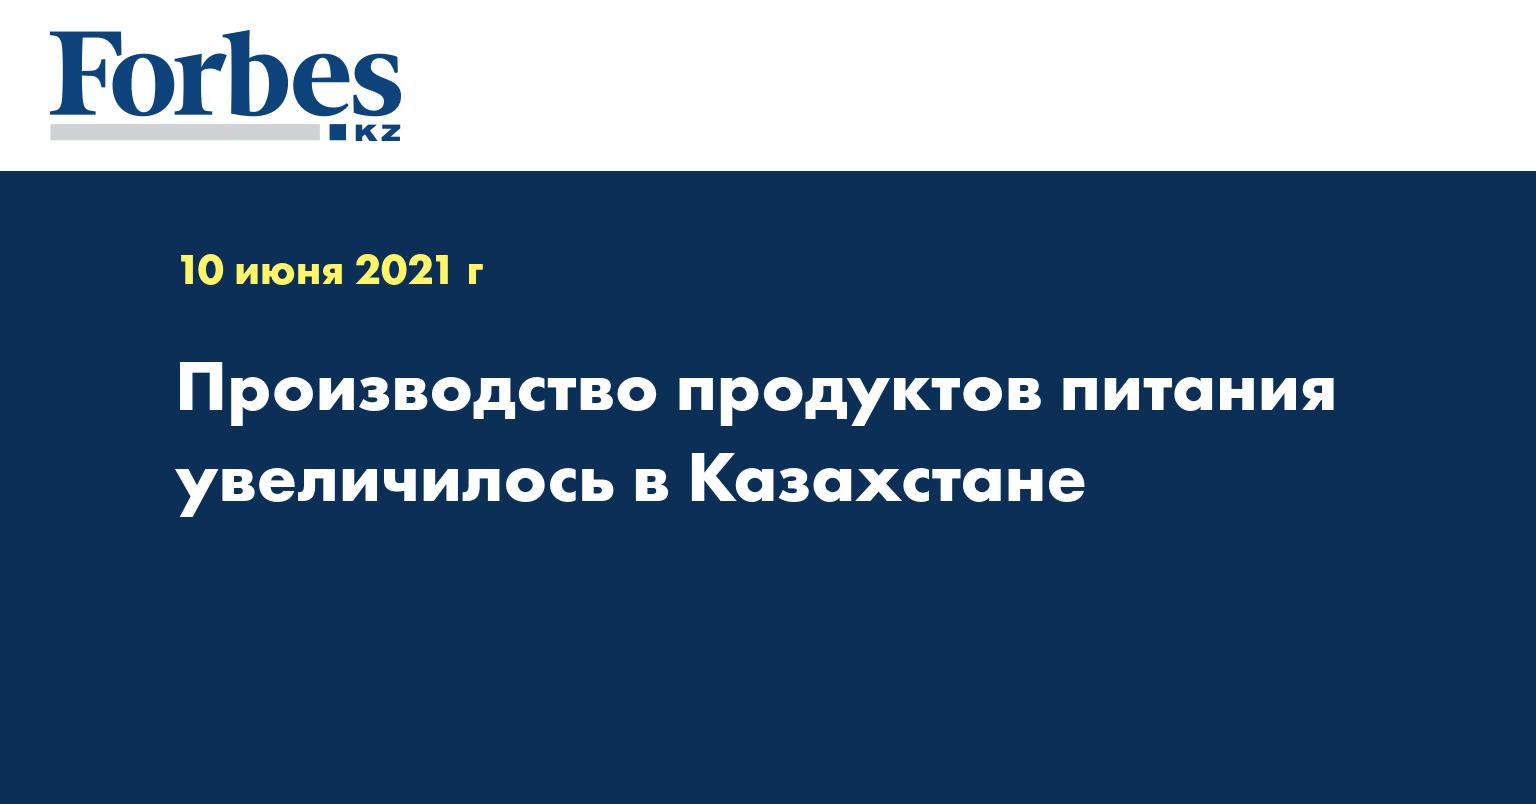 Производство продуктов питания увеличилось в Казахстане